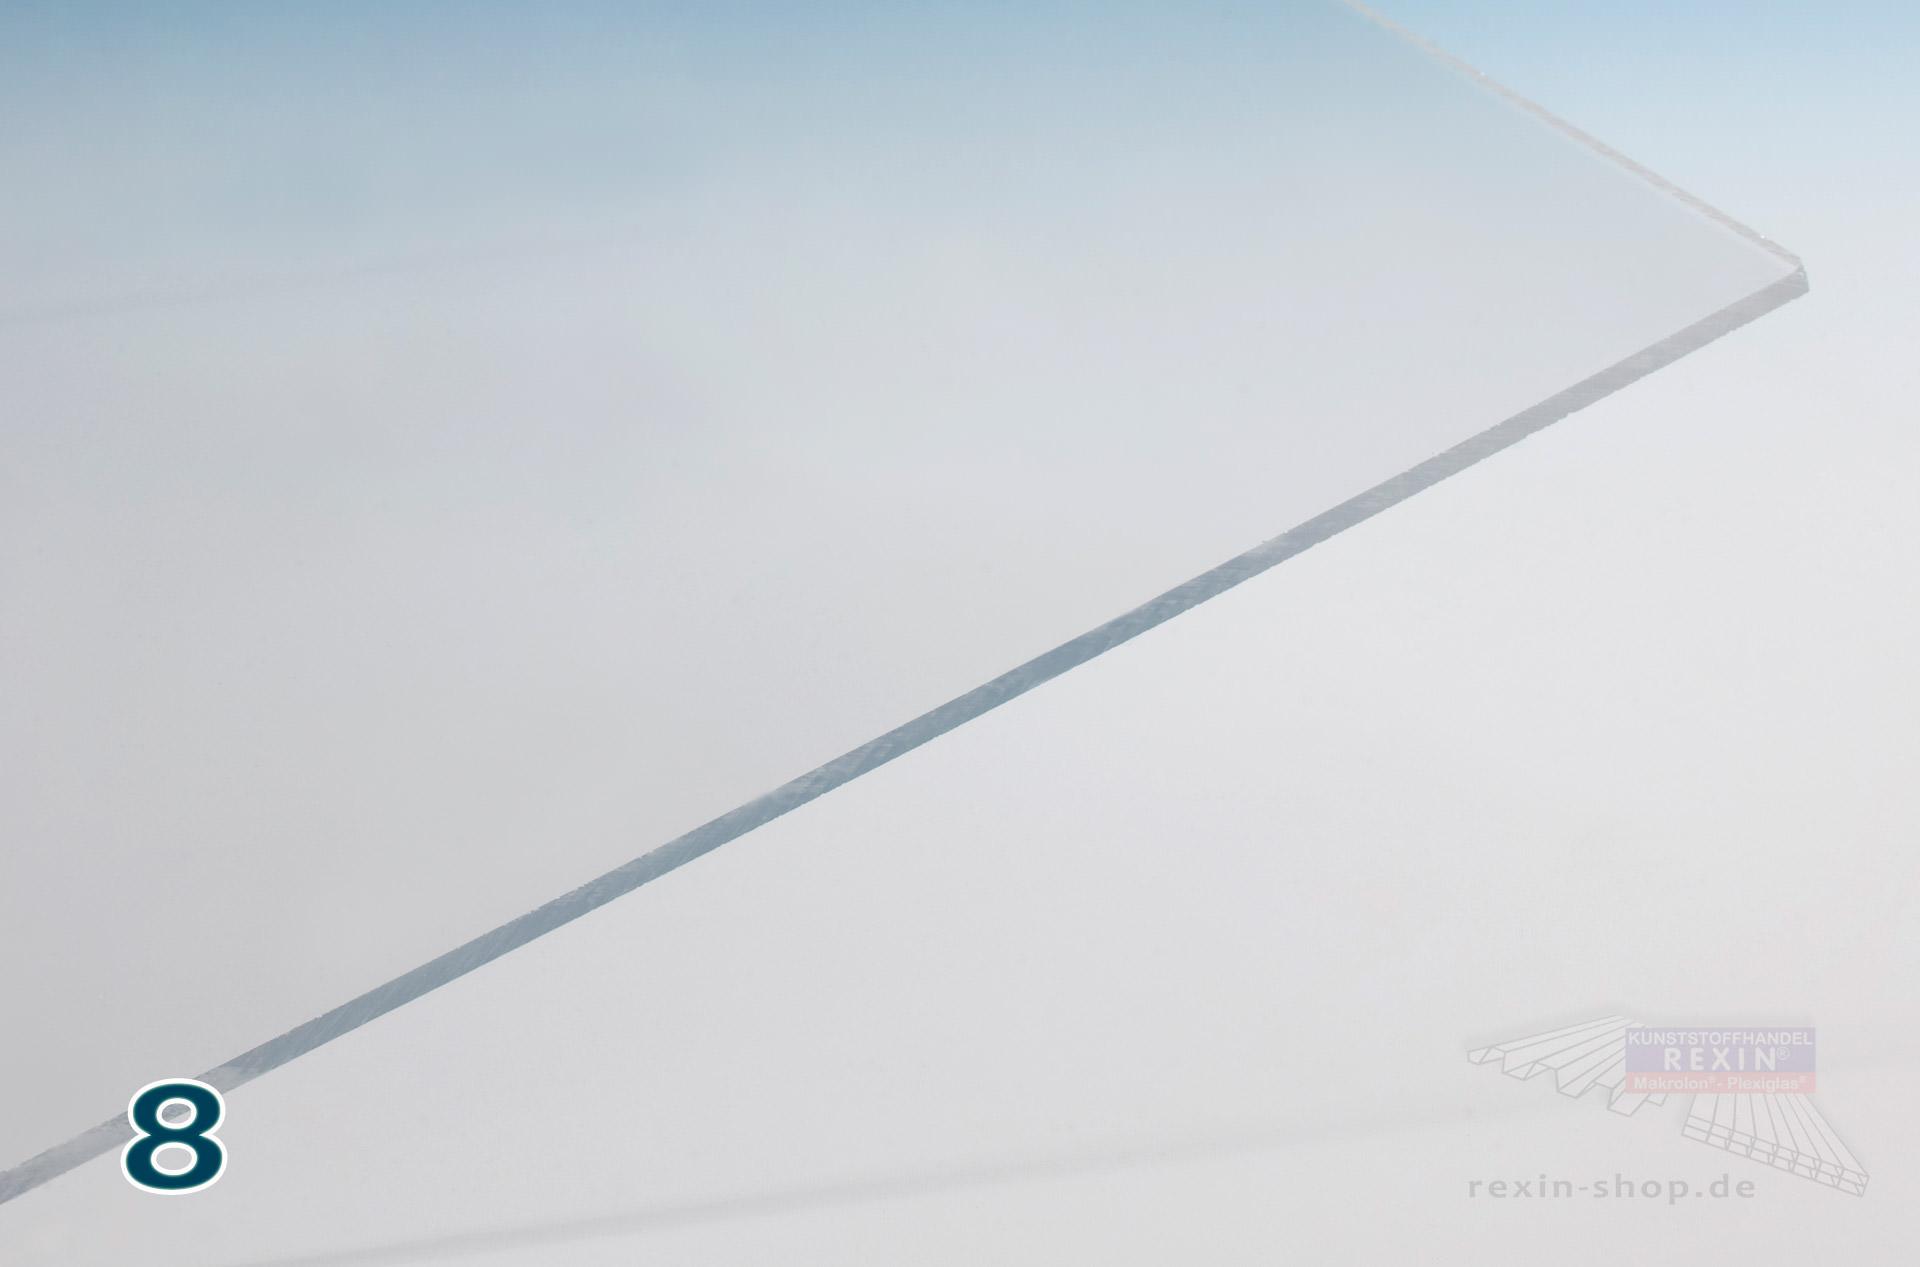 8 mm, 500 x 250 mm Makrolon//Polycarbonat Scheibe//Platte Zuschnitt 2-8 mm transparent//klar